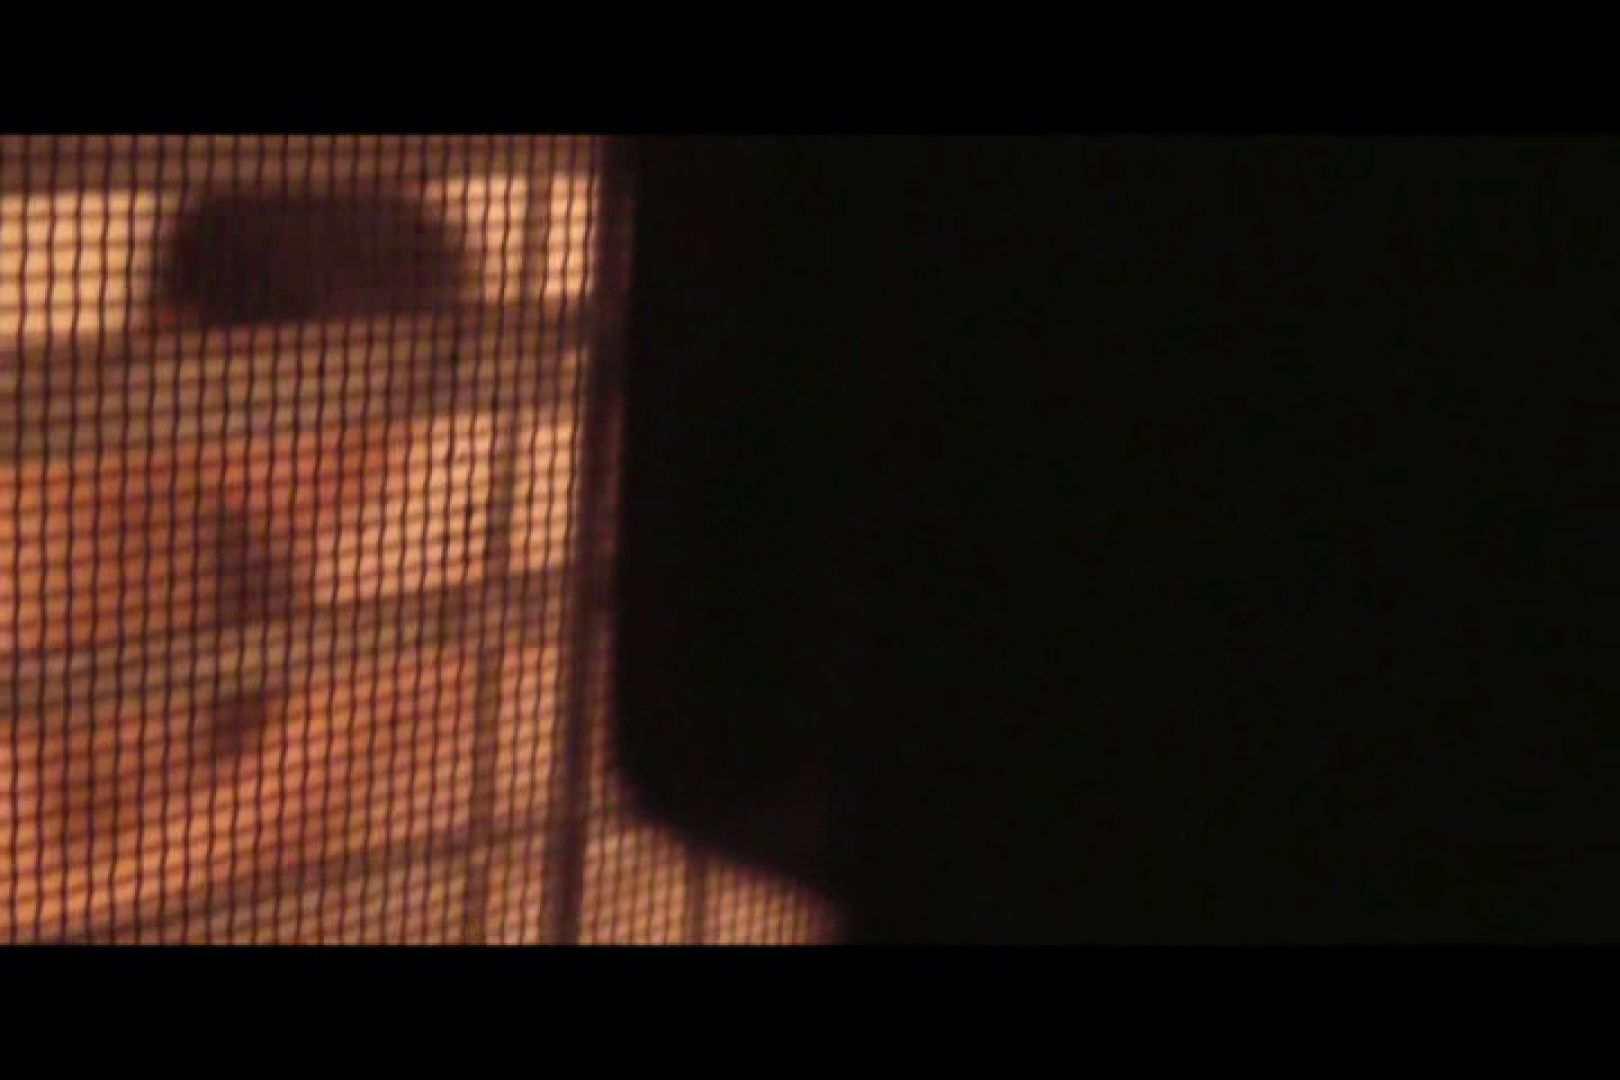 投稿者ハイロスさんのドキドキ覗き主観!VOL.01(一般女性5名 民家浴場編) 民家 ヌード画像 92連発 14